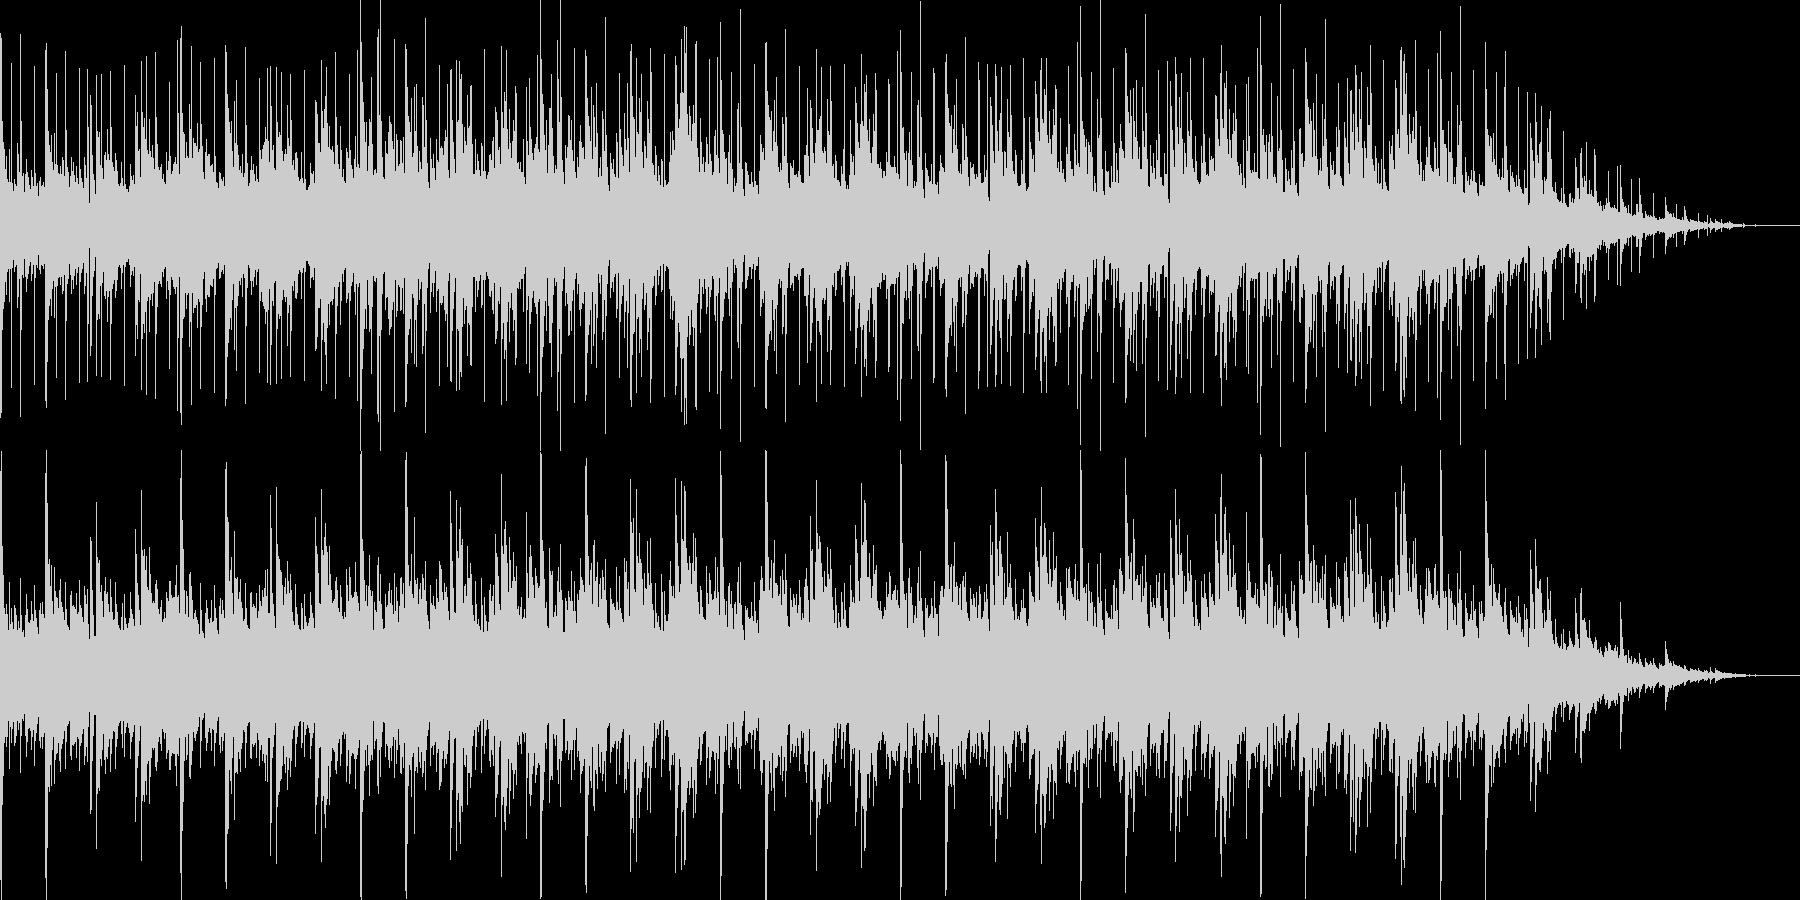 アコギとピアノの軽快なラテン系音楽の未再生の波形